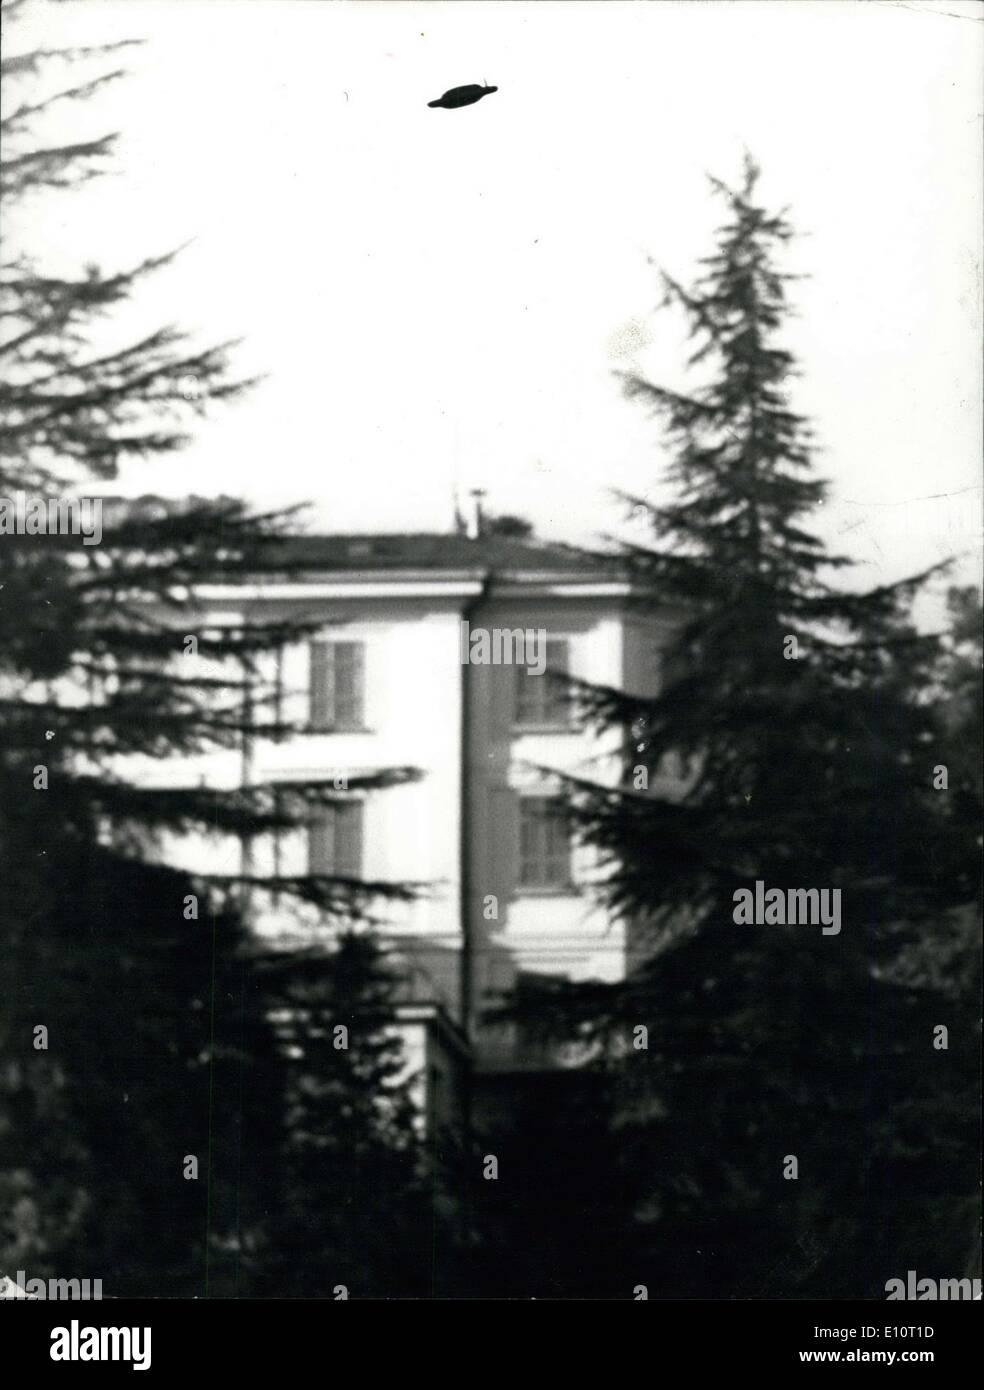 Gen 03, 1974 - Mistero nel cielo in Svizzera ? Non identificati oggetti volanti occupa effettivamente l'interesse Foto Stock